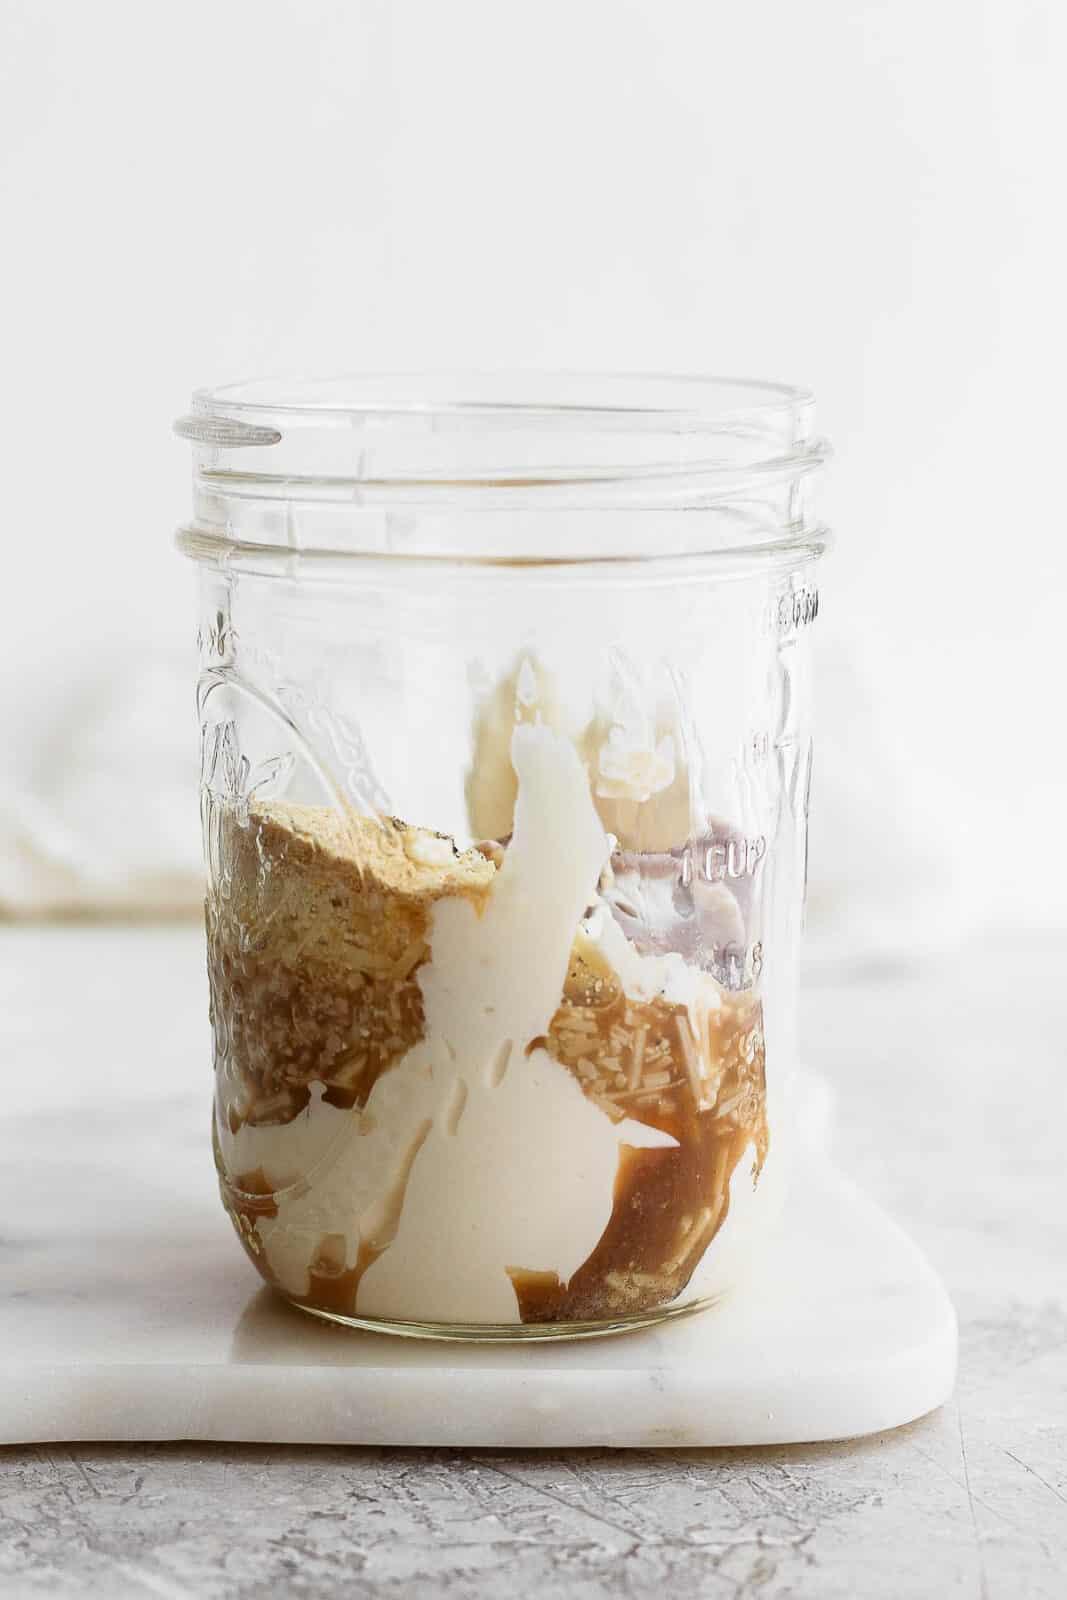 Healthy caesar dressing ingredients in a mason jar.